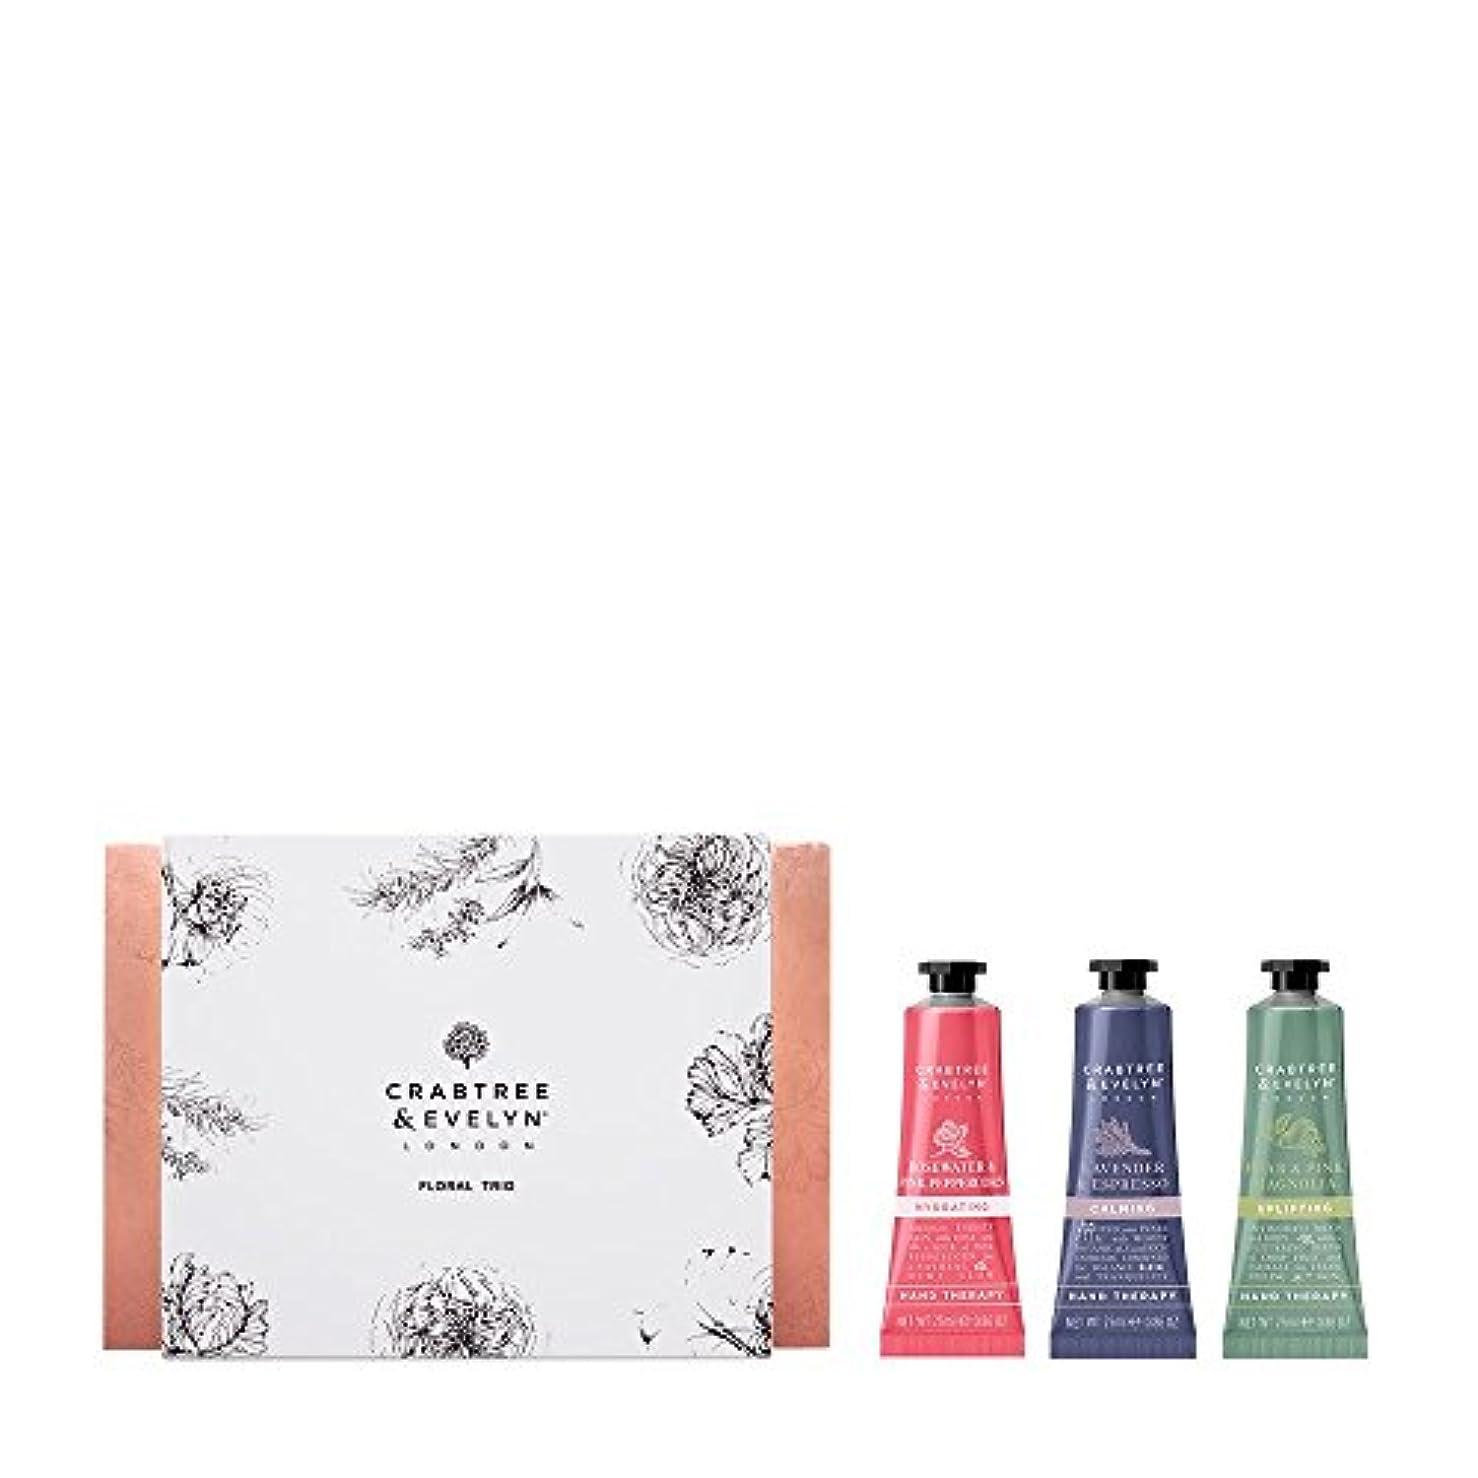 会計士放映ソーシャルクラブツリー&イヴリン Floral Hand Therapy Trio (1x Pear & Pink Magnolia, 1x Rosewater & Pink Peppercorn, 1x Lavender & Espresso) 3x25ml/0.86oz並行輸入品